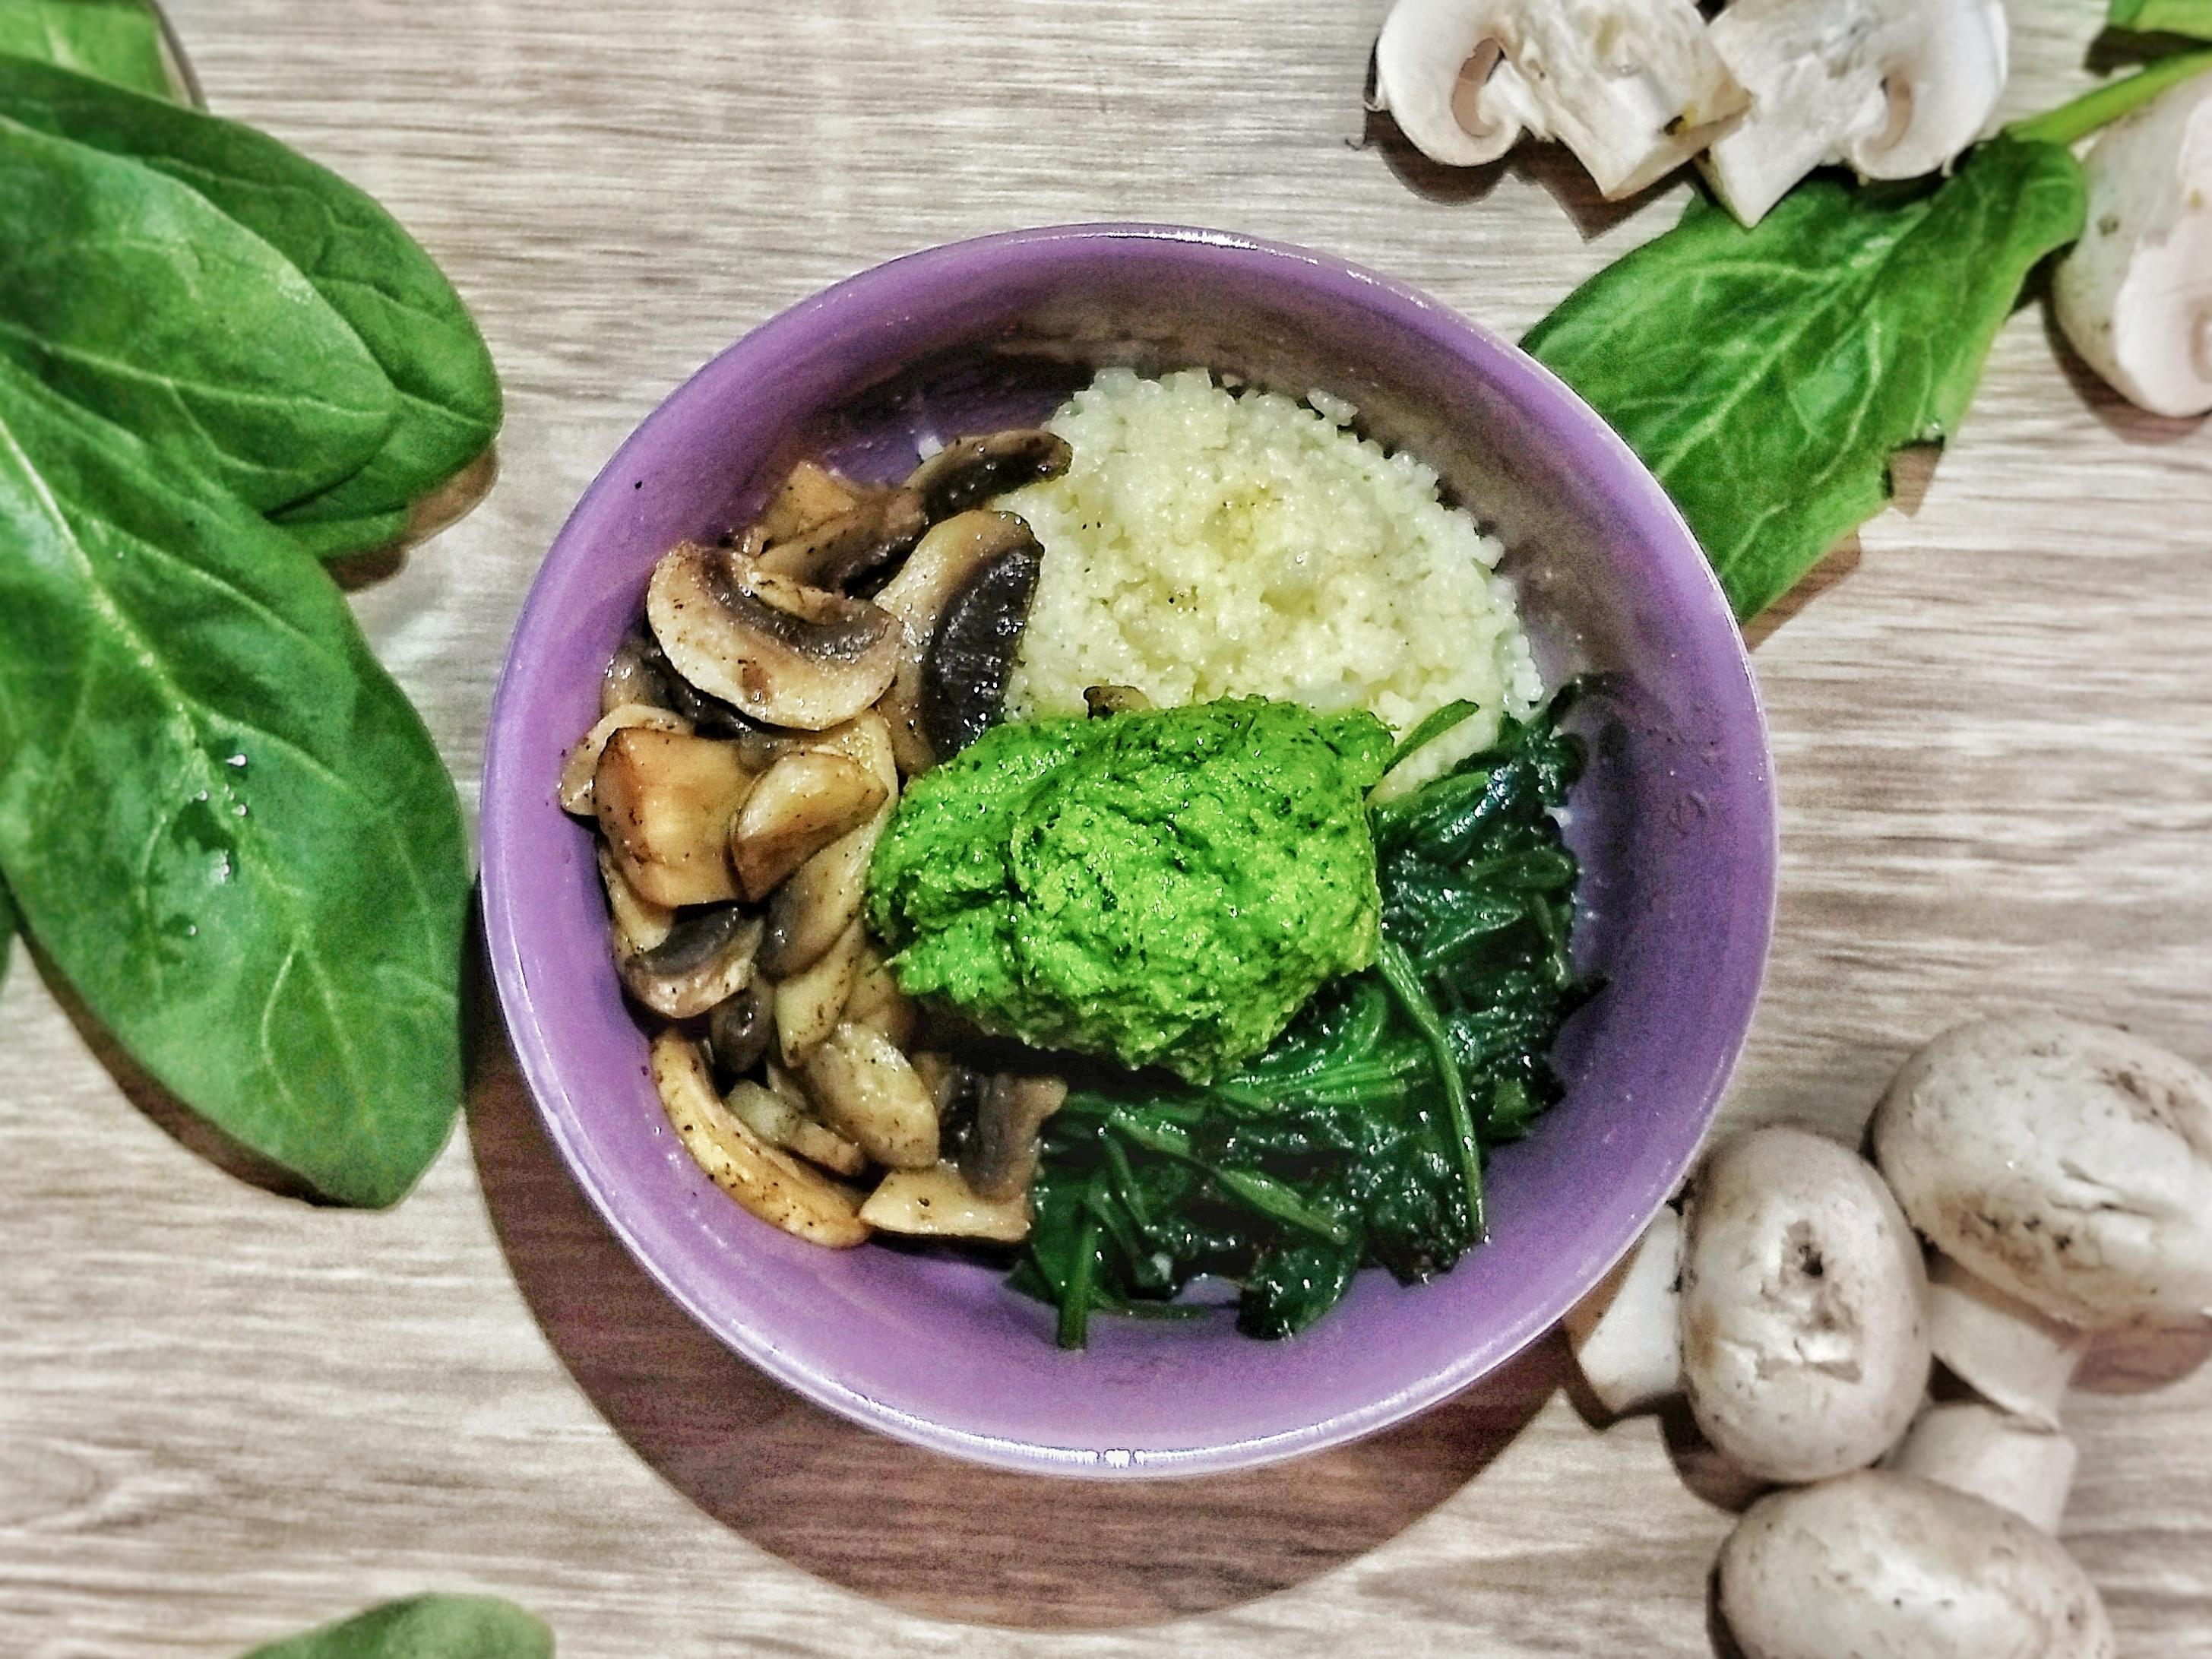 Что такое боулы и как их готовить. Три простых рецепта здоровых блюд